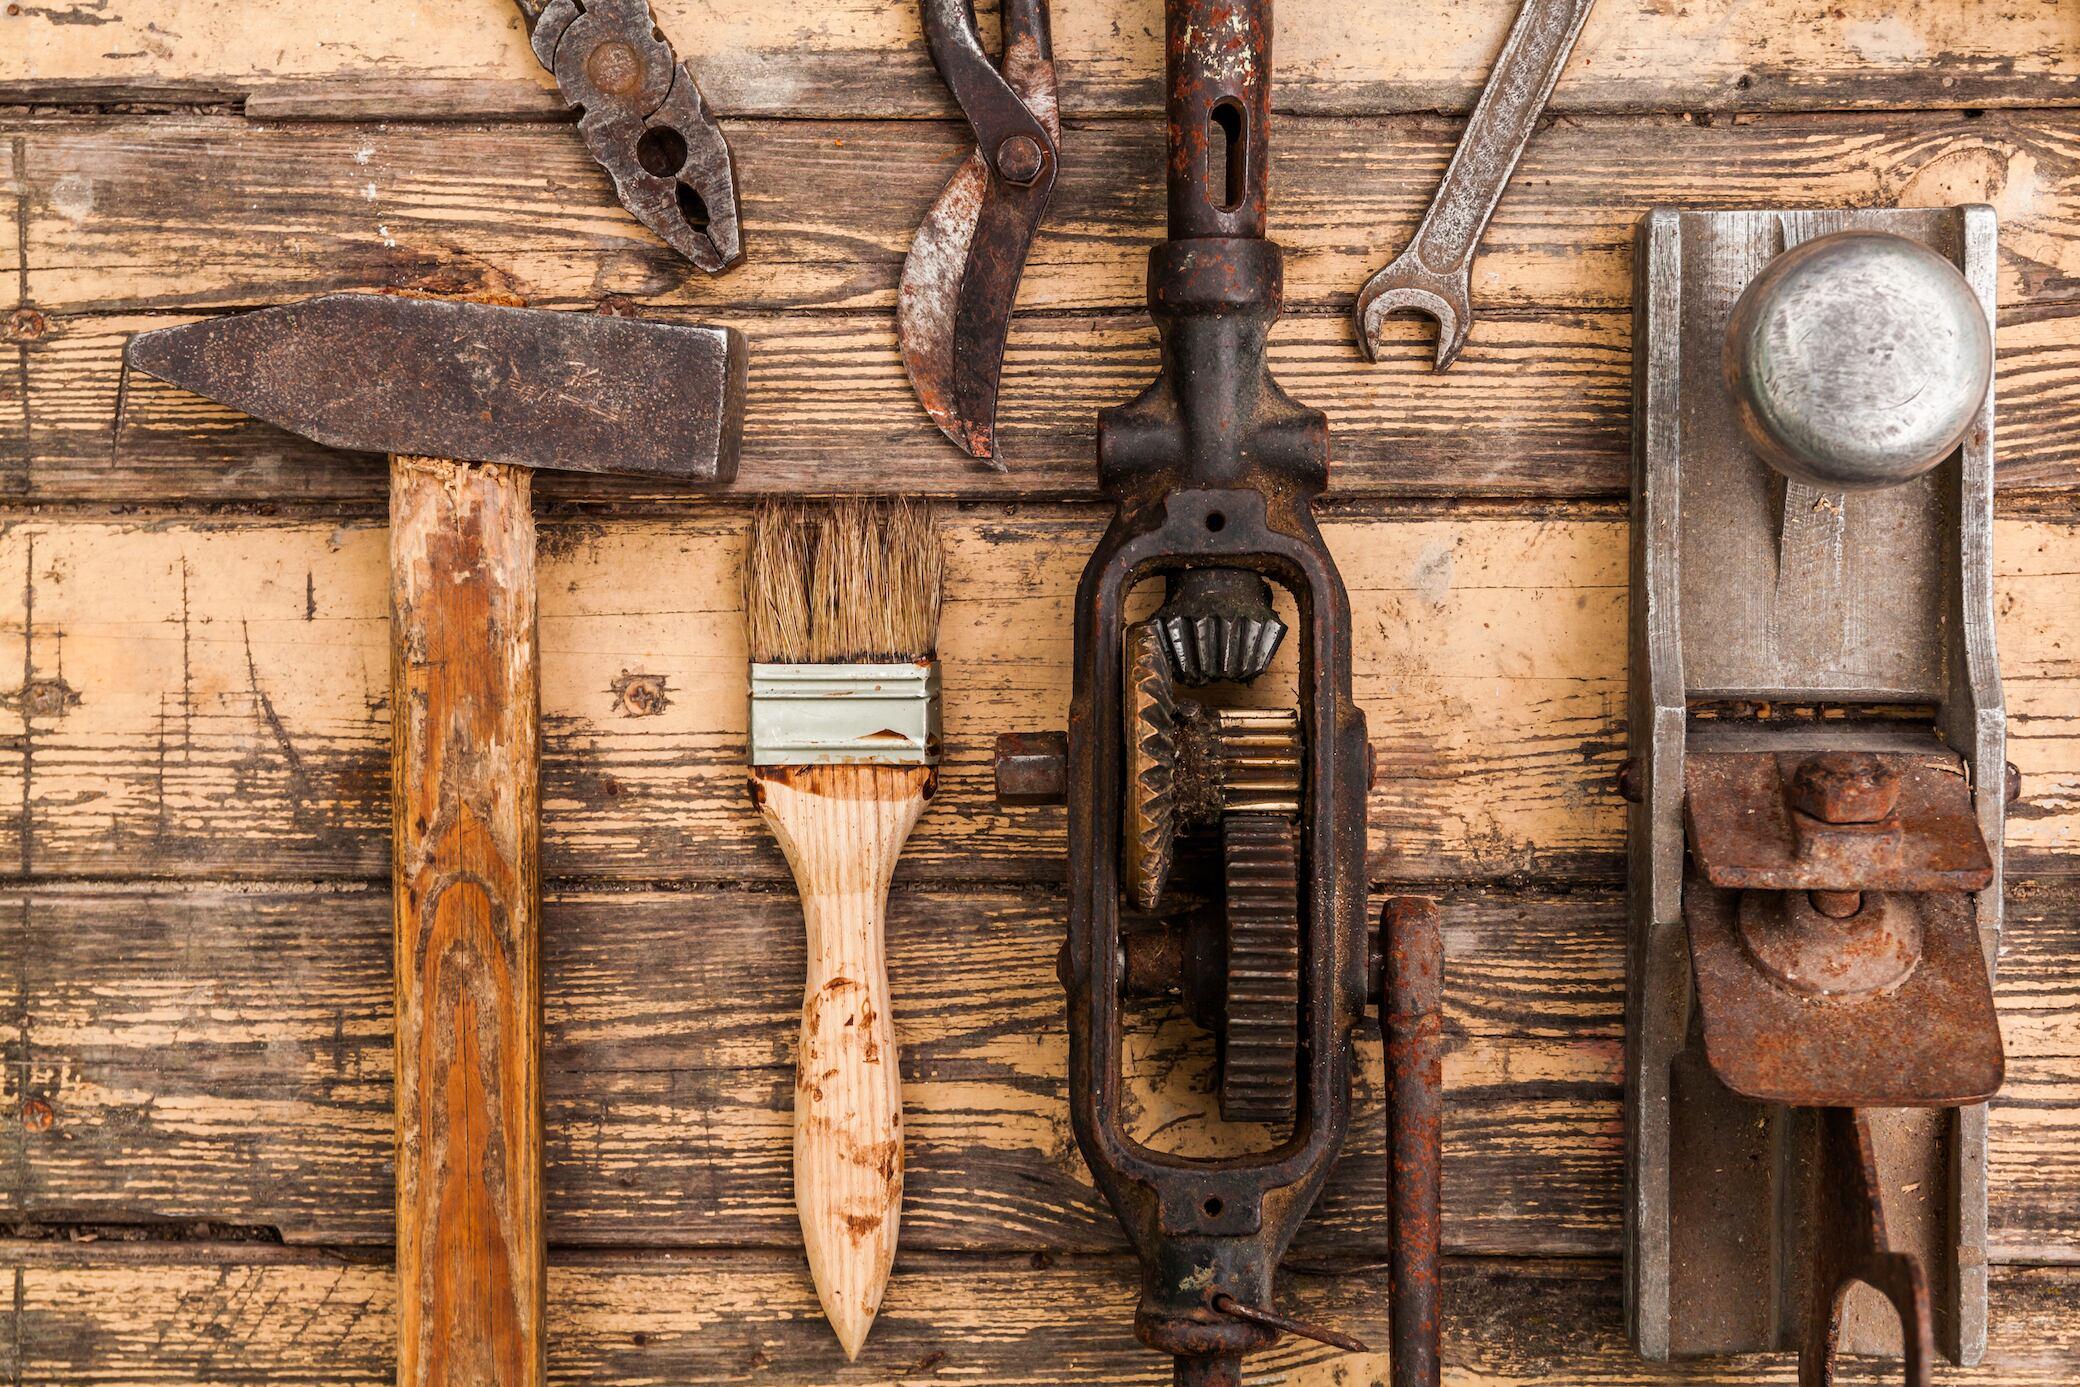 Altes Werkzeug gesucht: Rührendes Inserat bei eBay-Kleinanzeigen